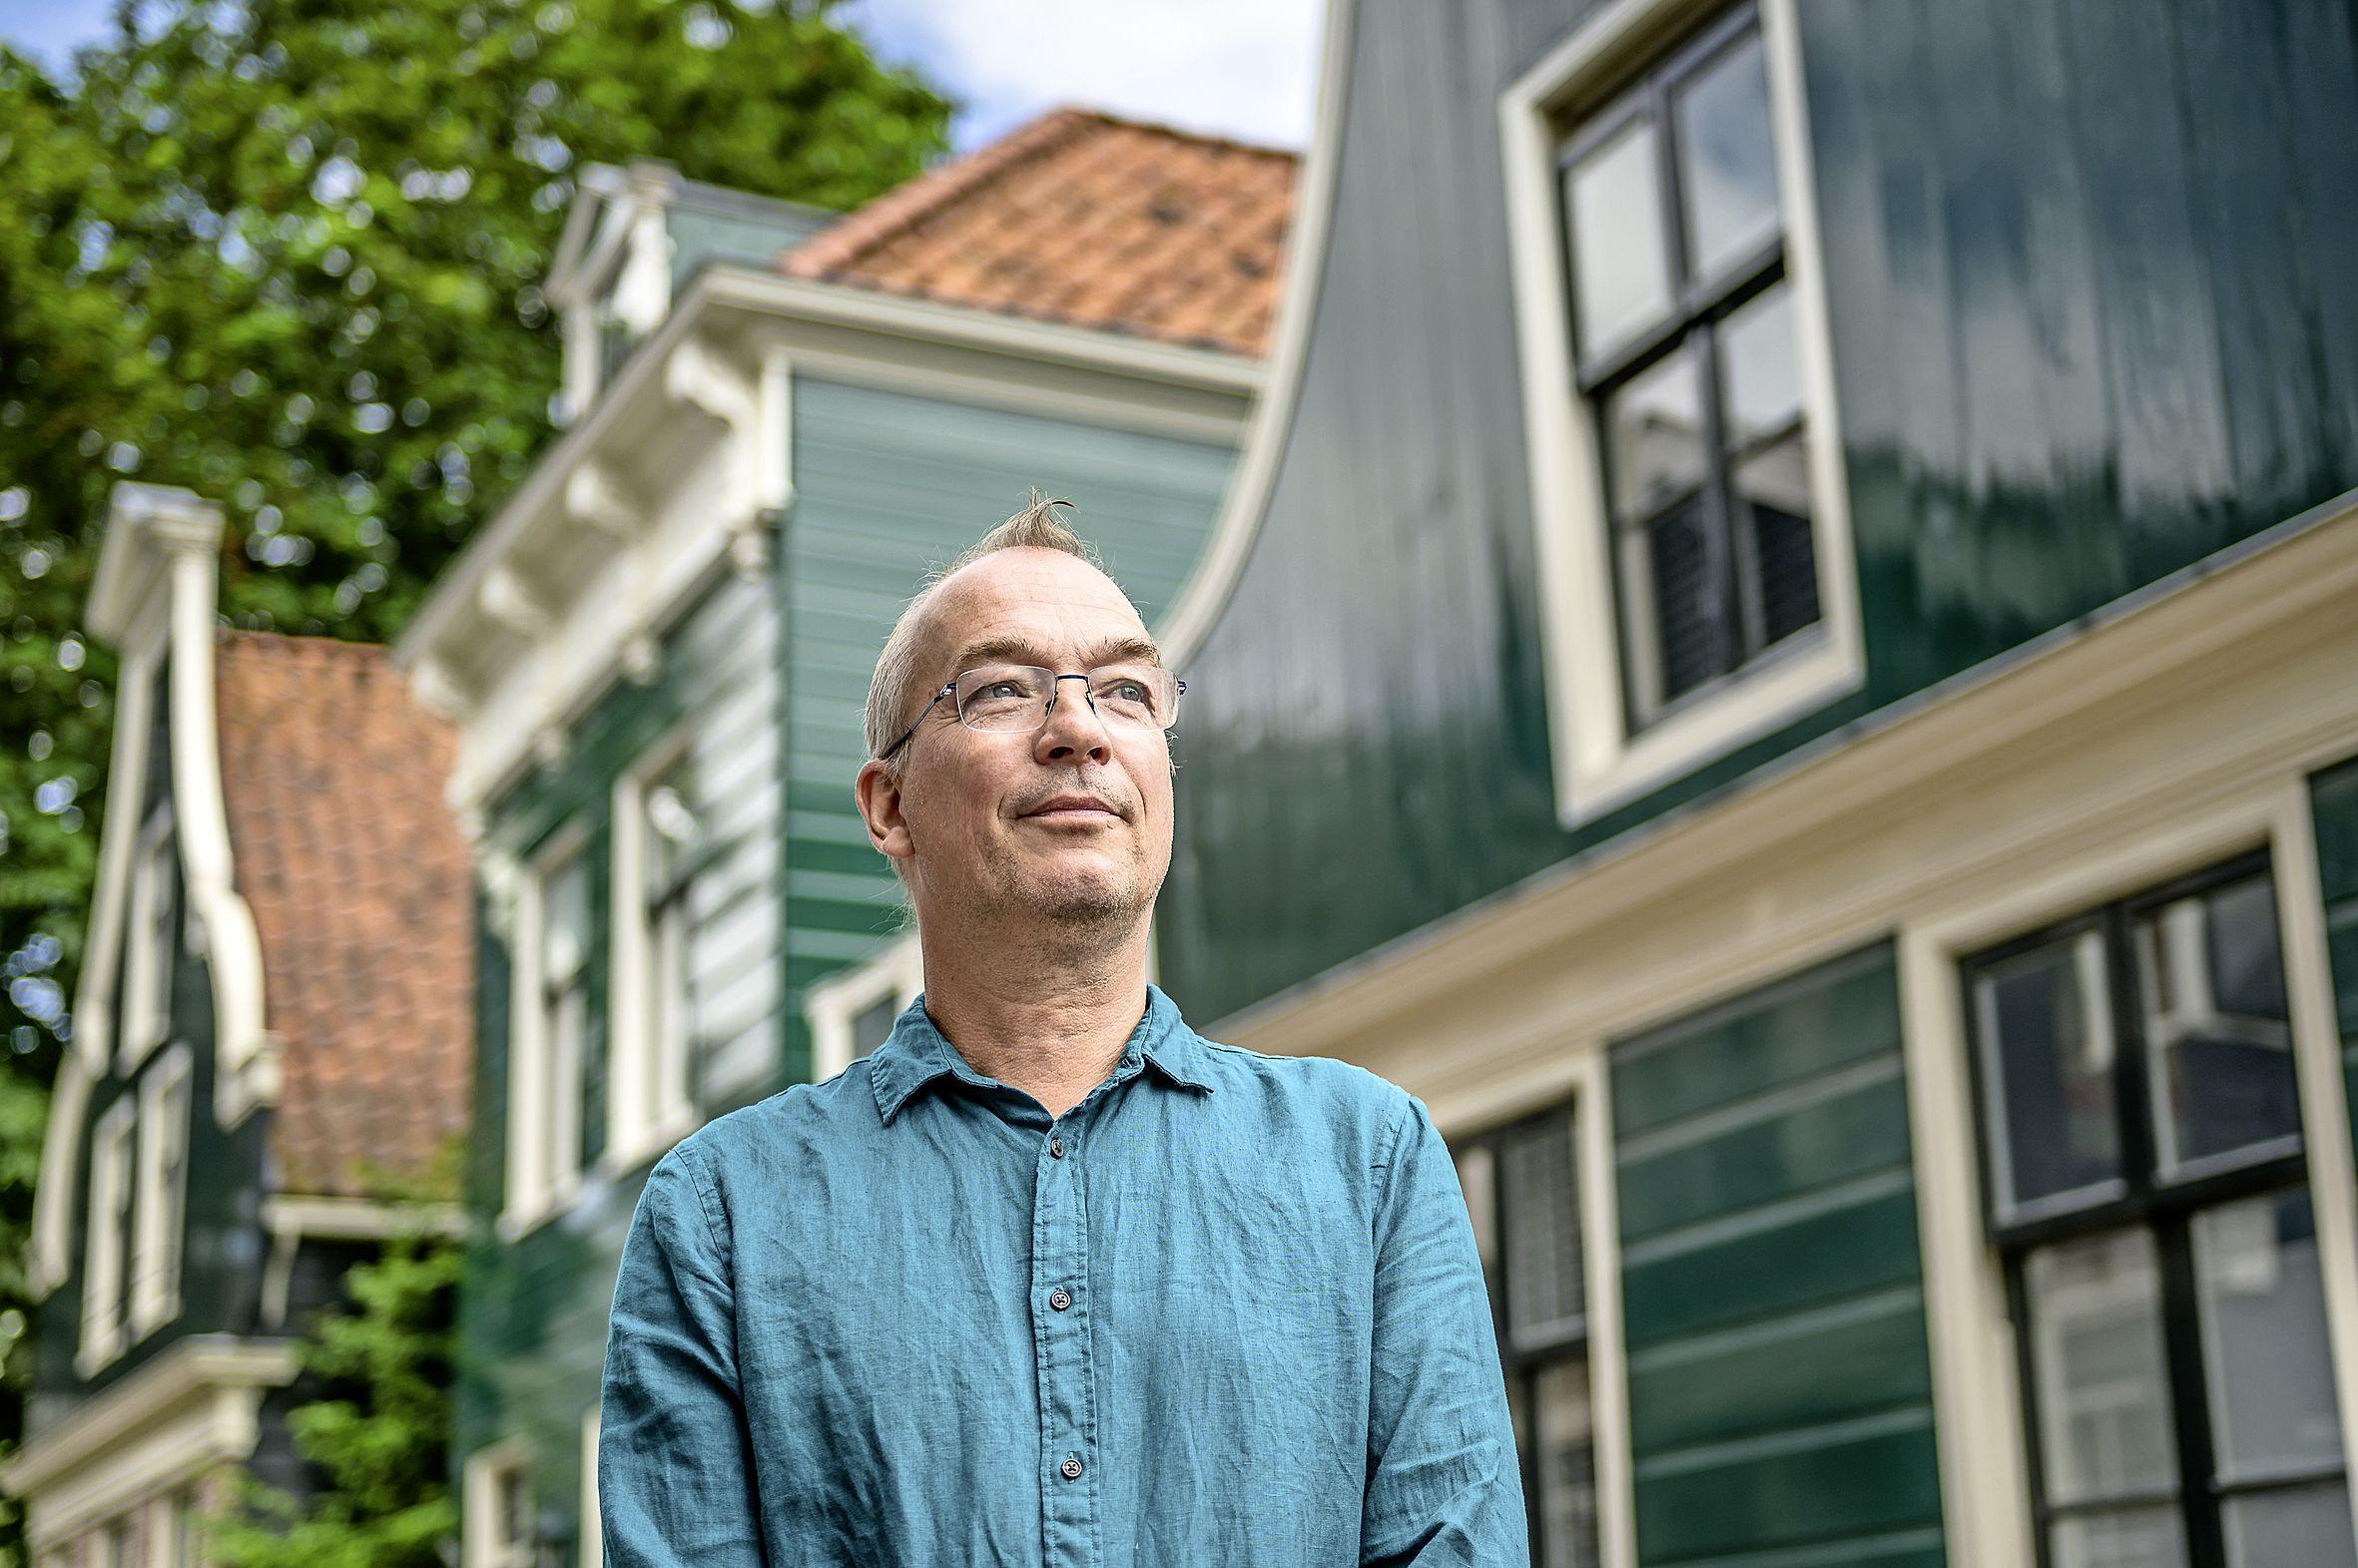 Met architect Paul Kramer langs de Zaanse houtbouw: 'Vanwege lage CO2-uitstoot kan bouwen met hout de oplossing zijn'